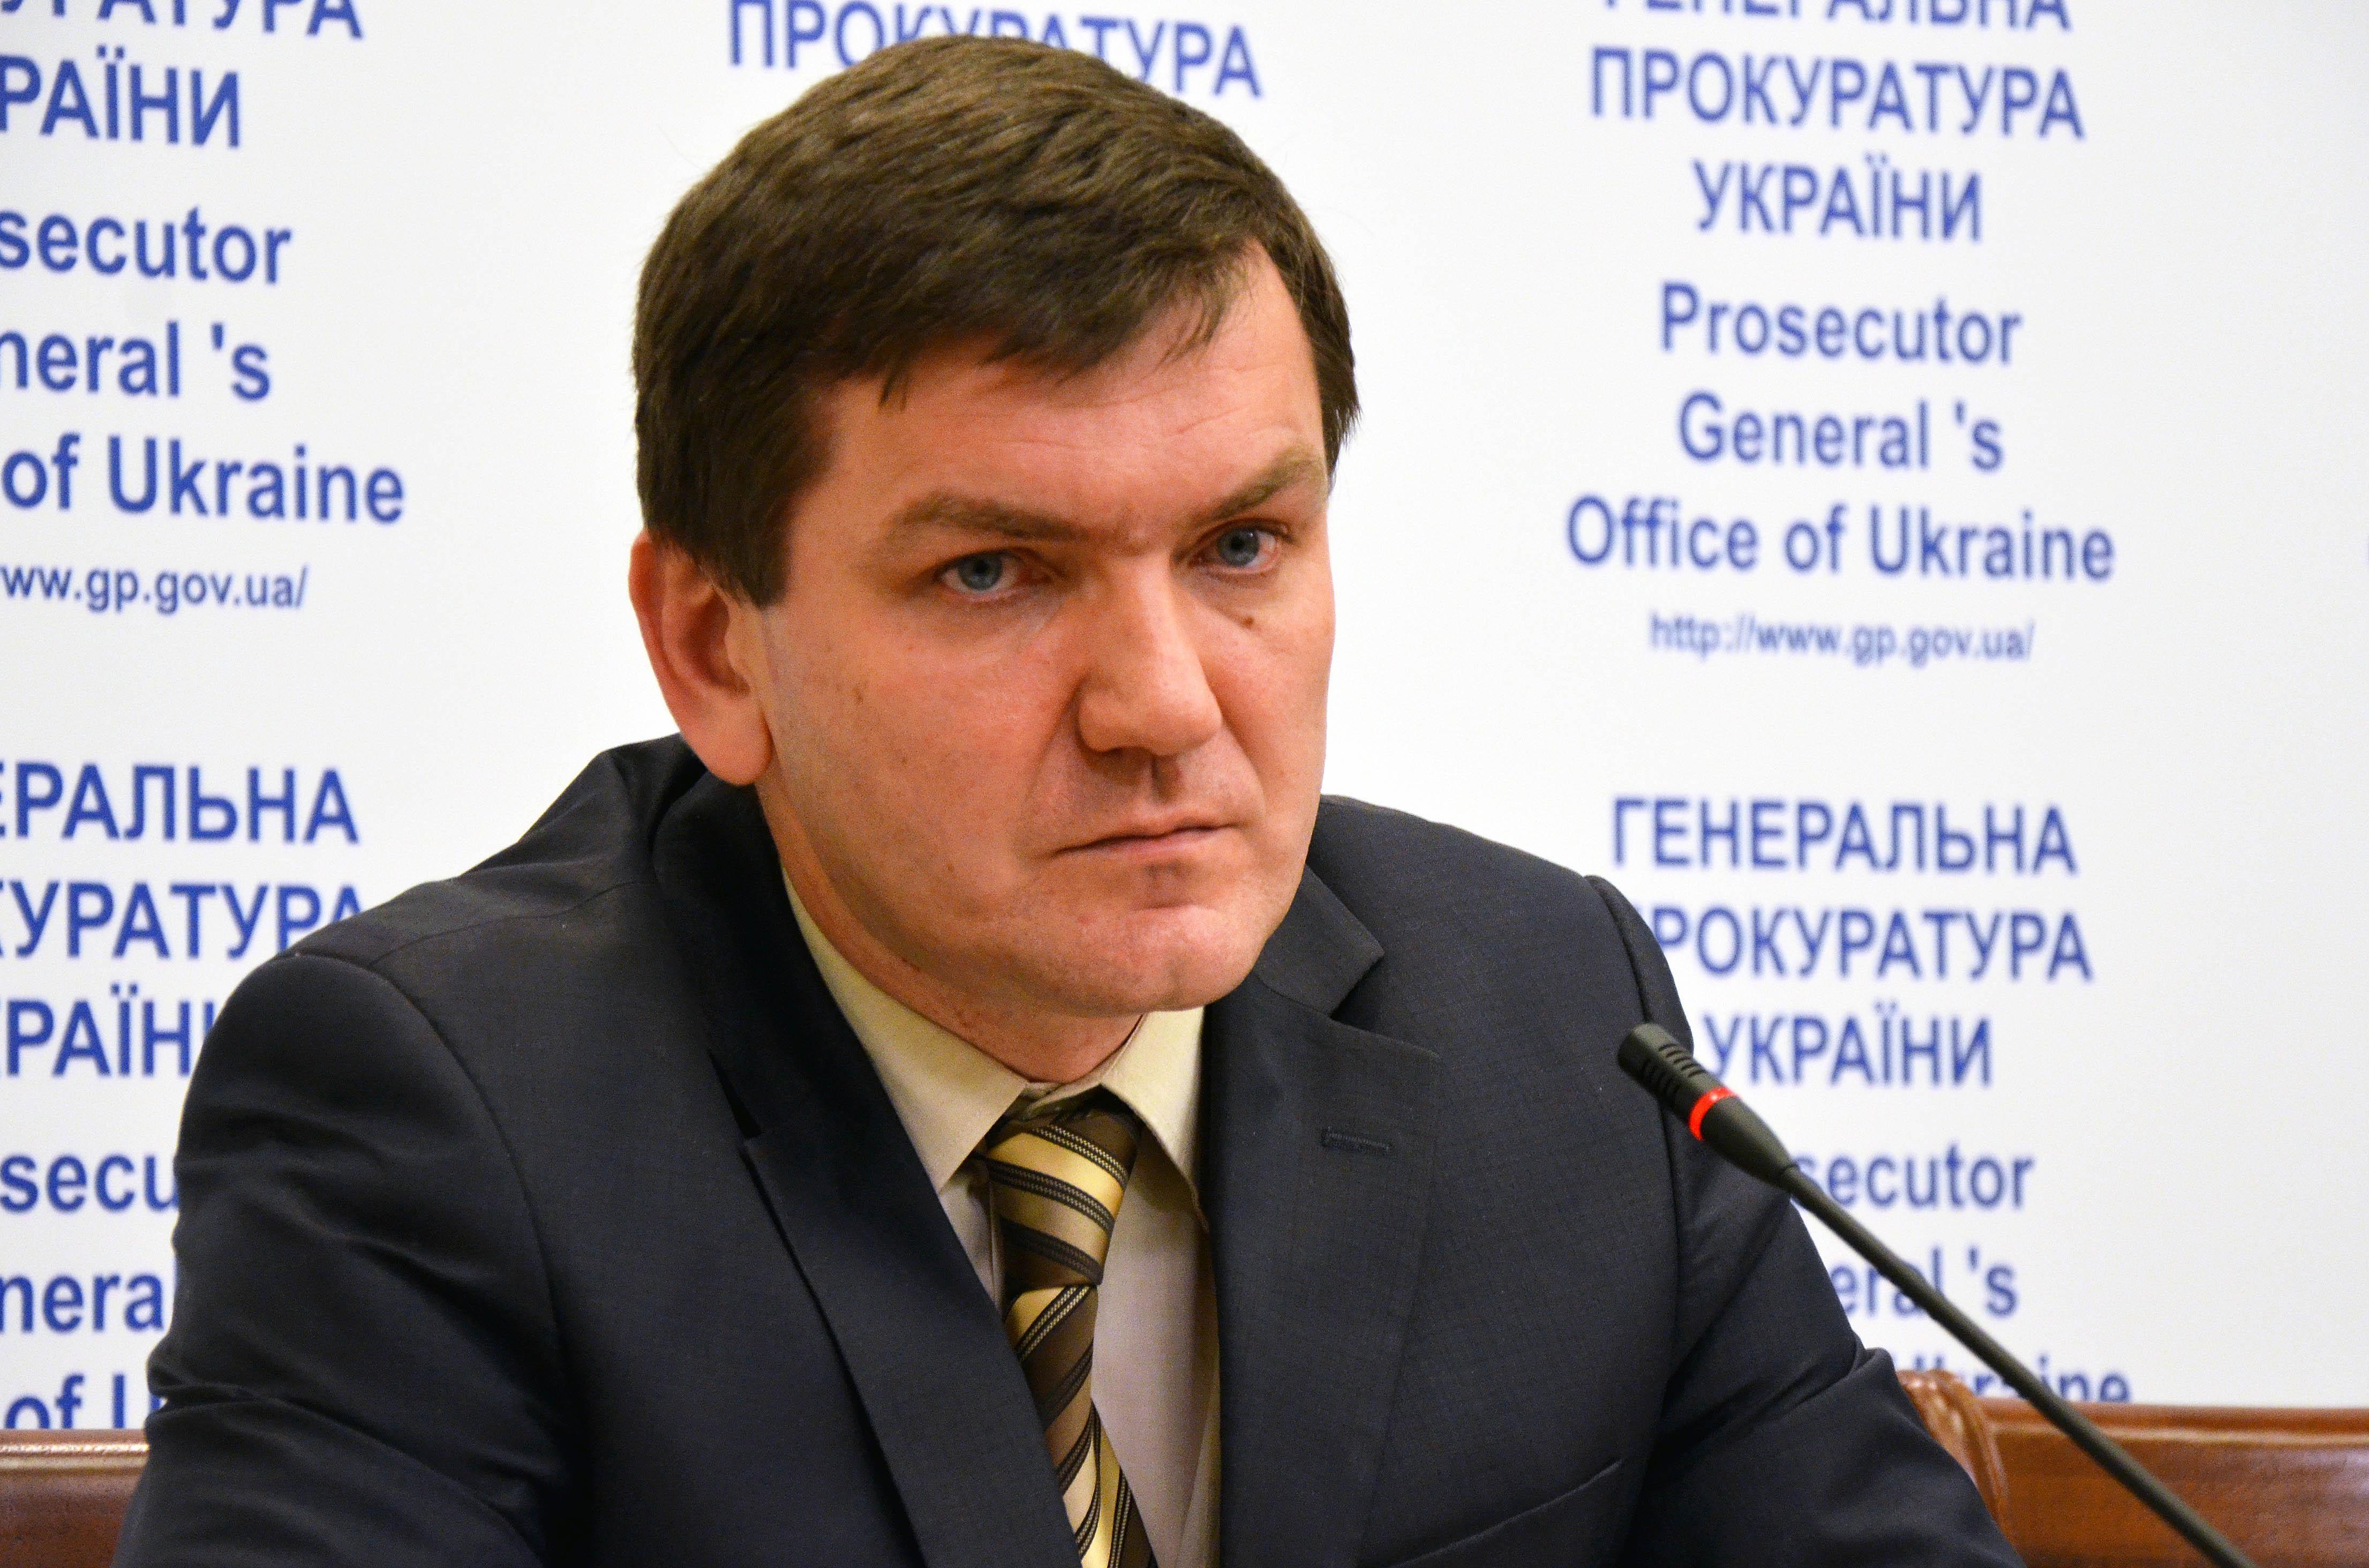 Горбатюк: Собравшие «Антимайдан» Добкин иКернес поступили аморально, однако непреступно